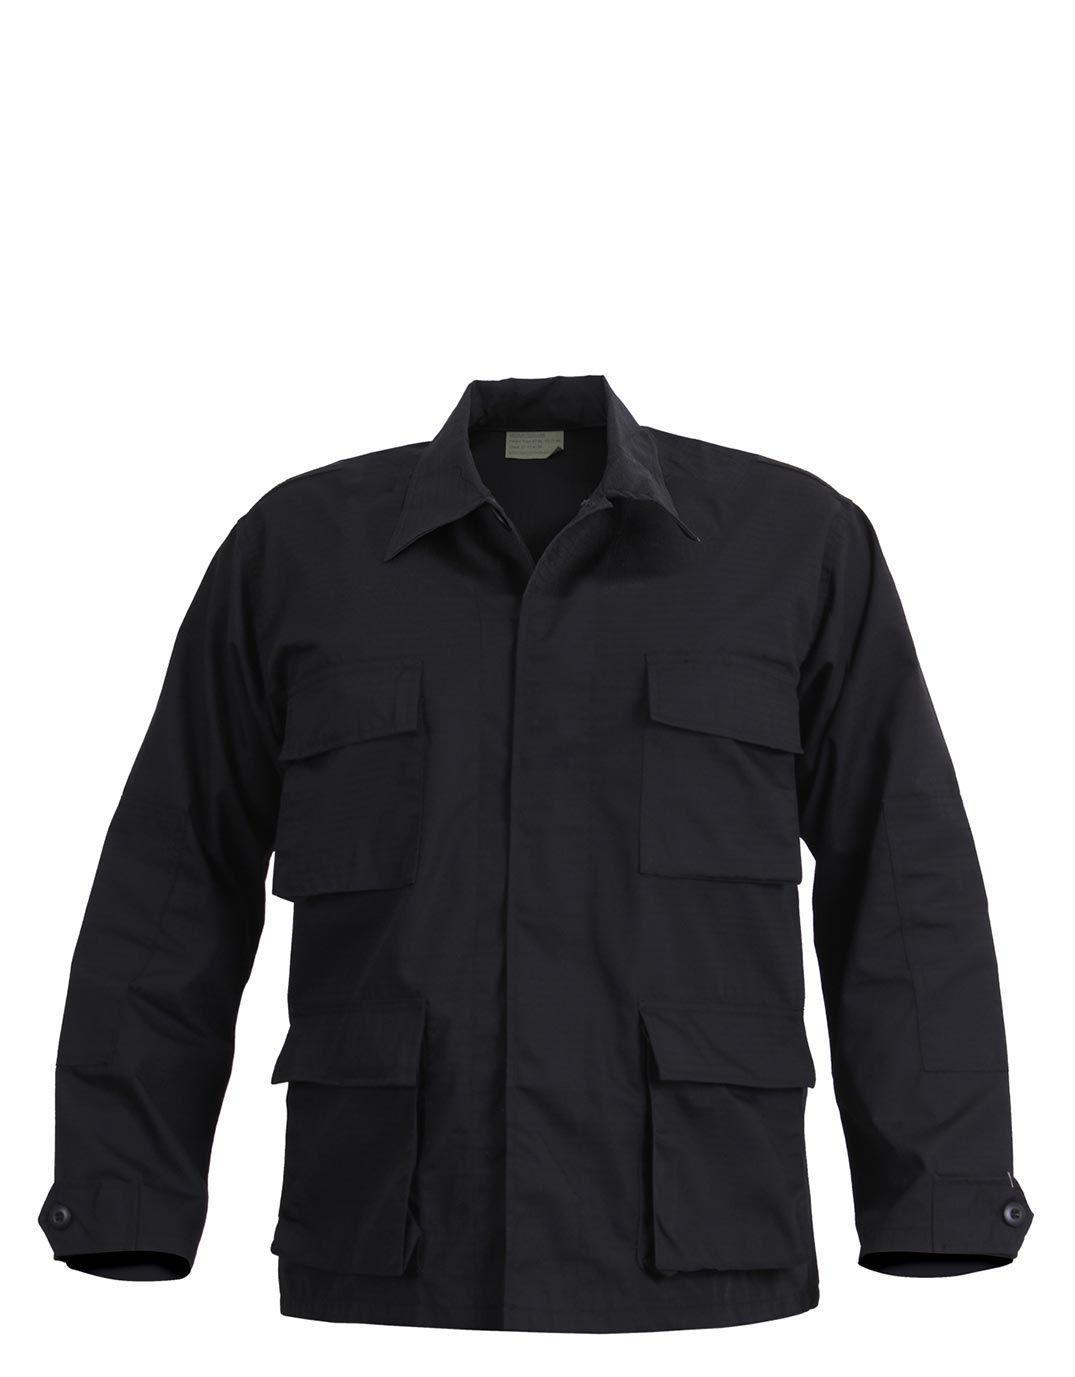 Image of   Rothco SWAT BDU Skjorte (Sort, M)